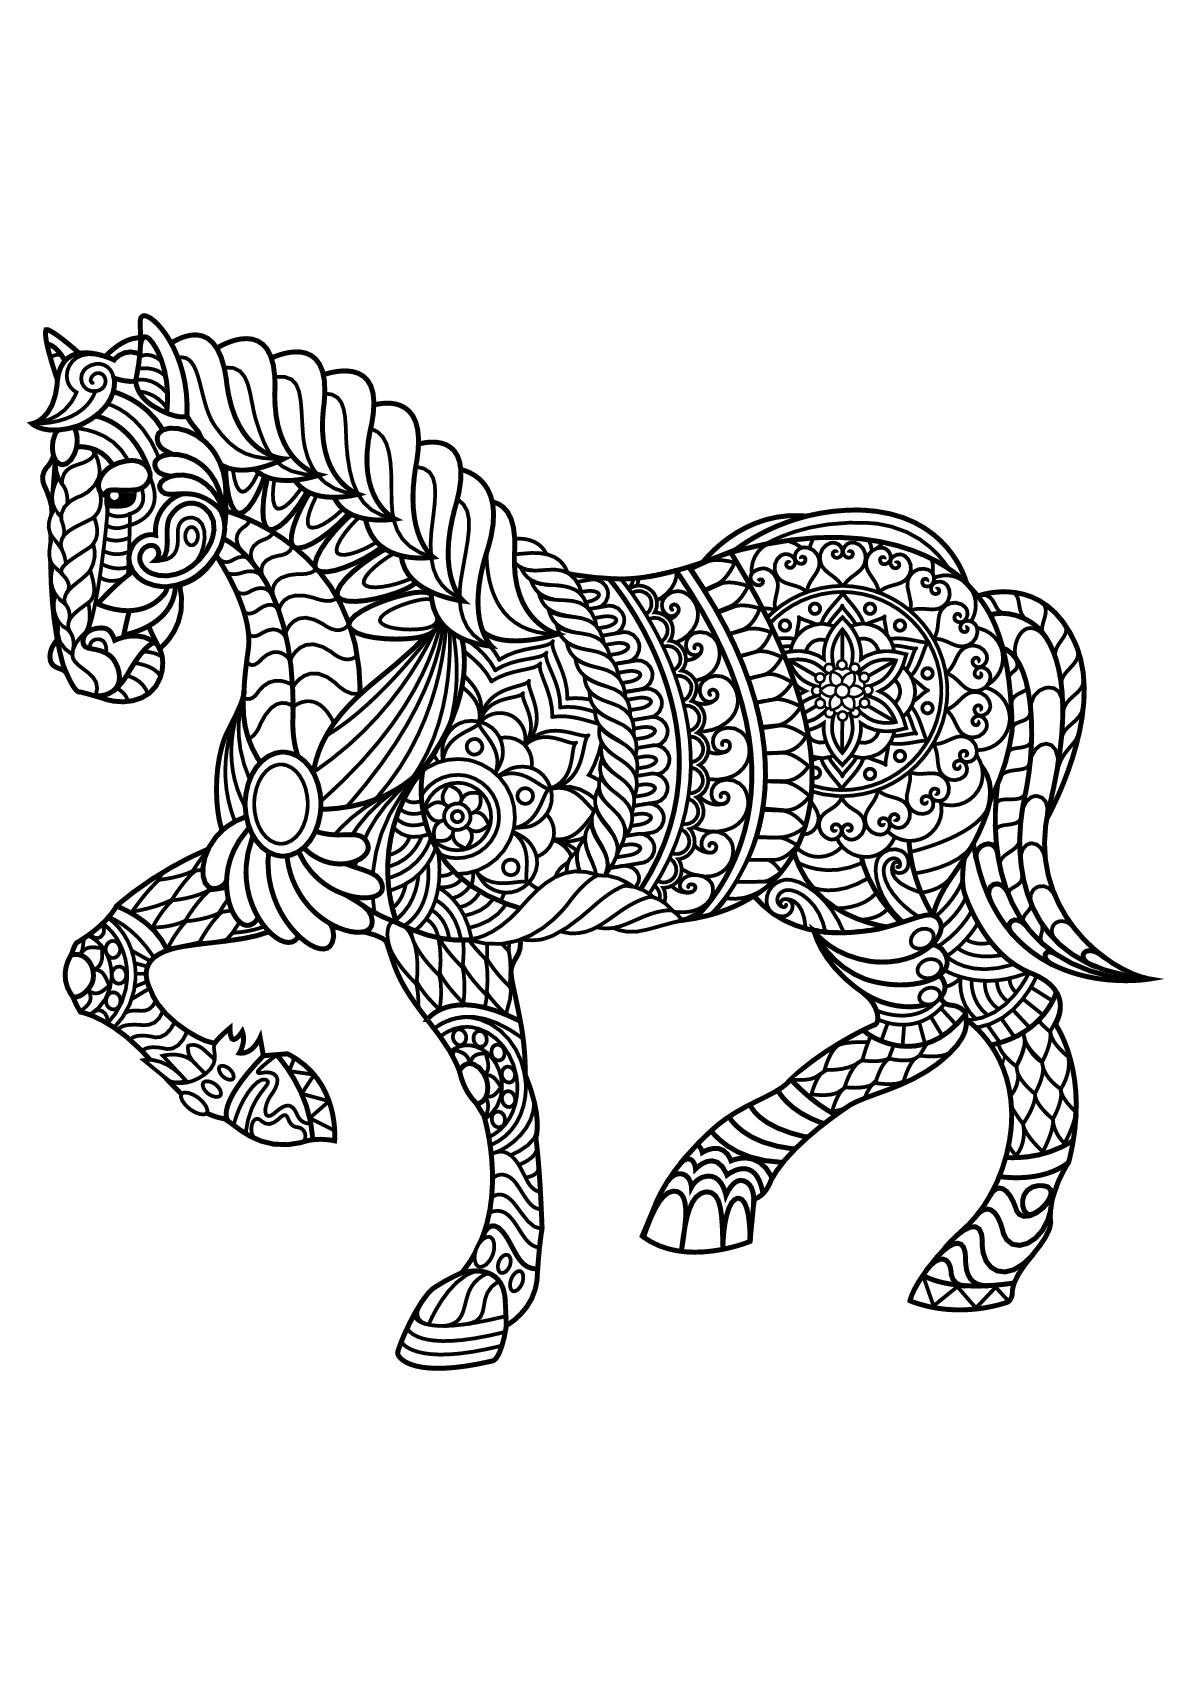 Livre Gratuit Cheval - Chevaux - Coloriages Difficiles Pour destiné Image De Cheval A Colorier